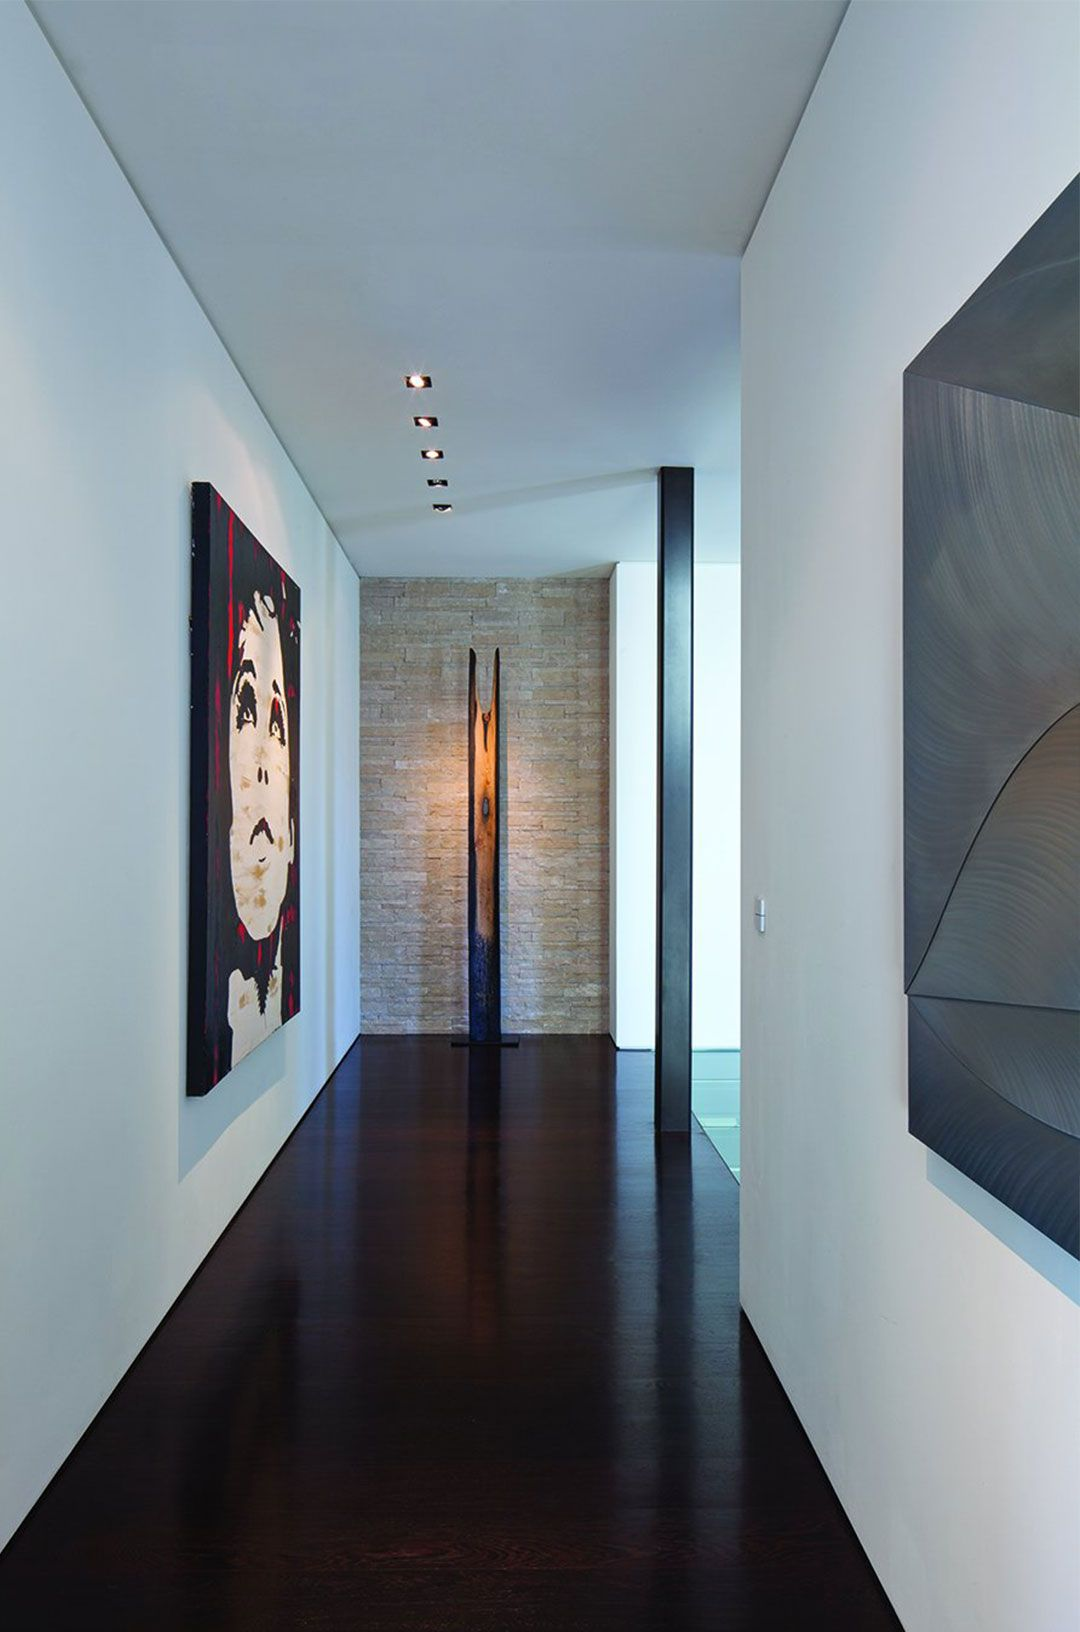 Hallway luxury interior design interior architecture beverly hills wall design house design